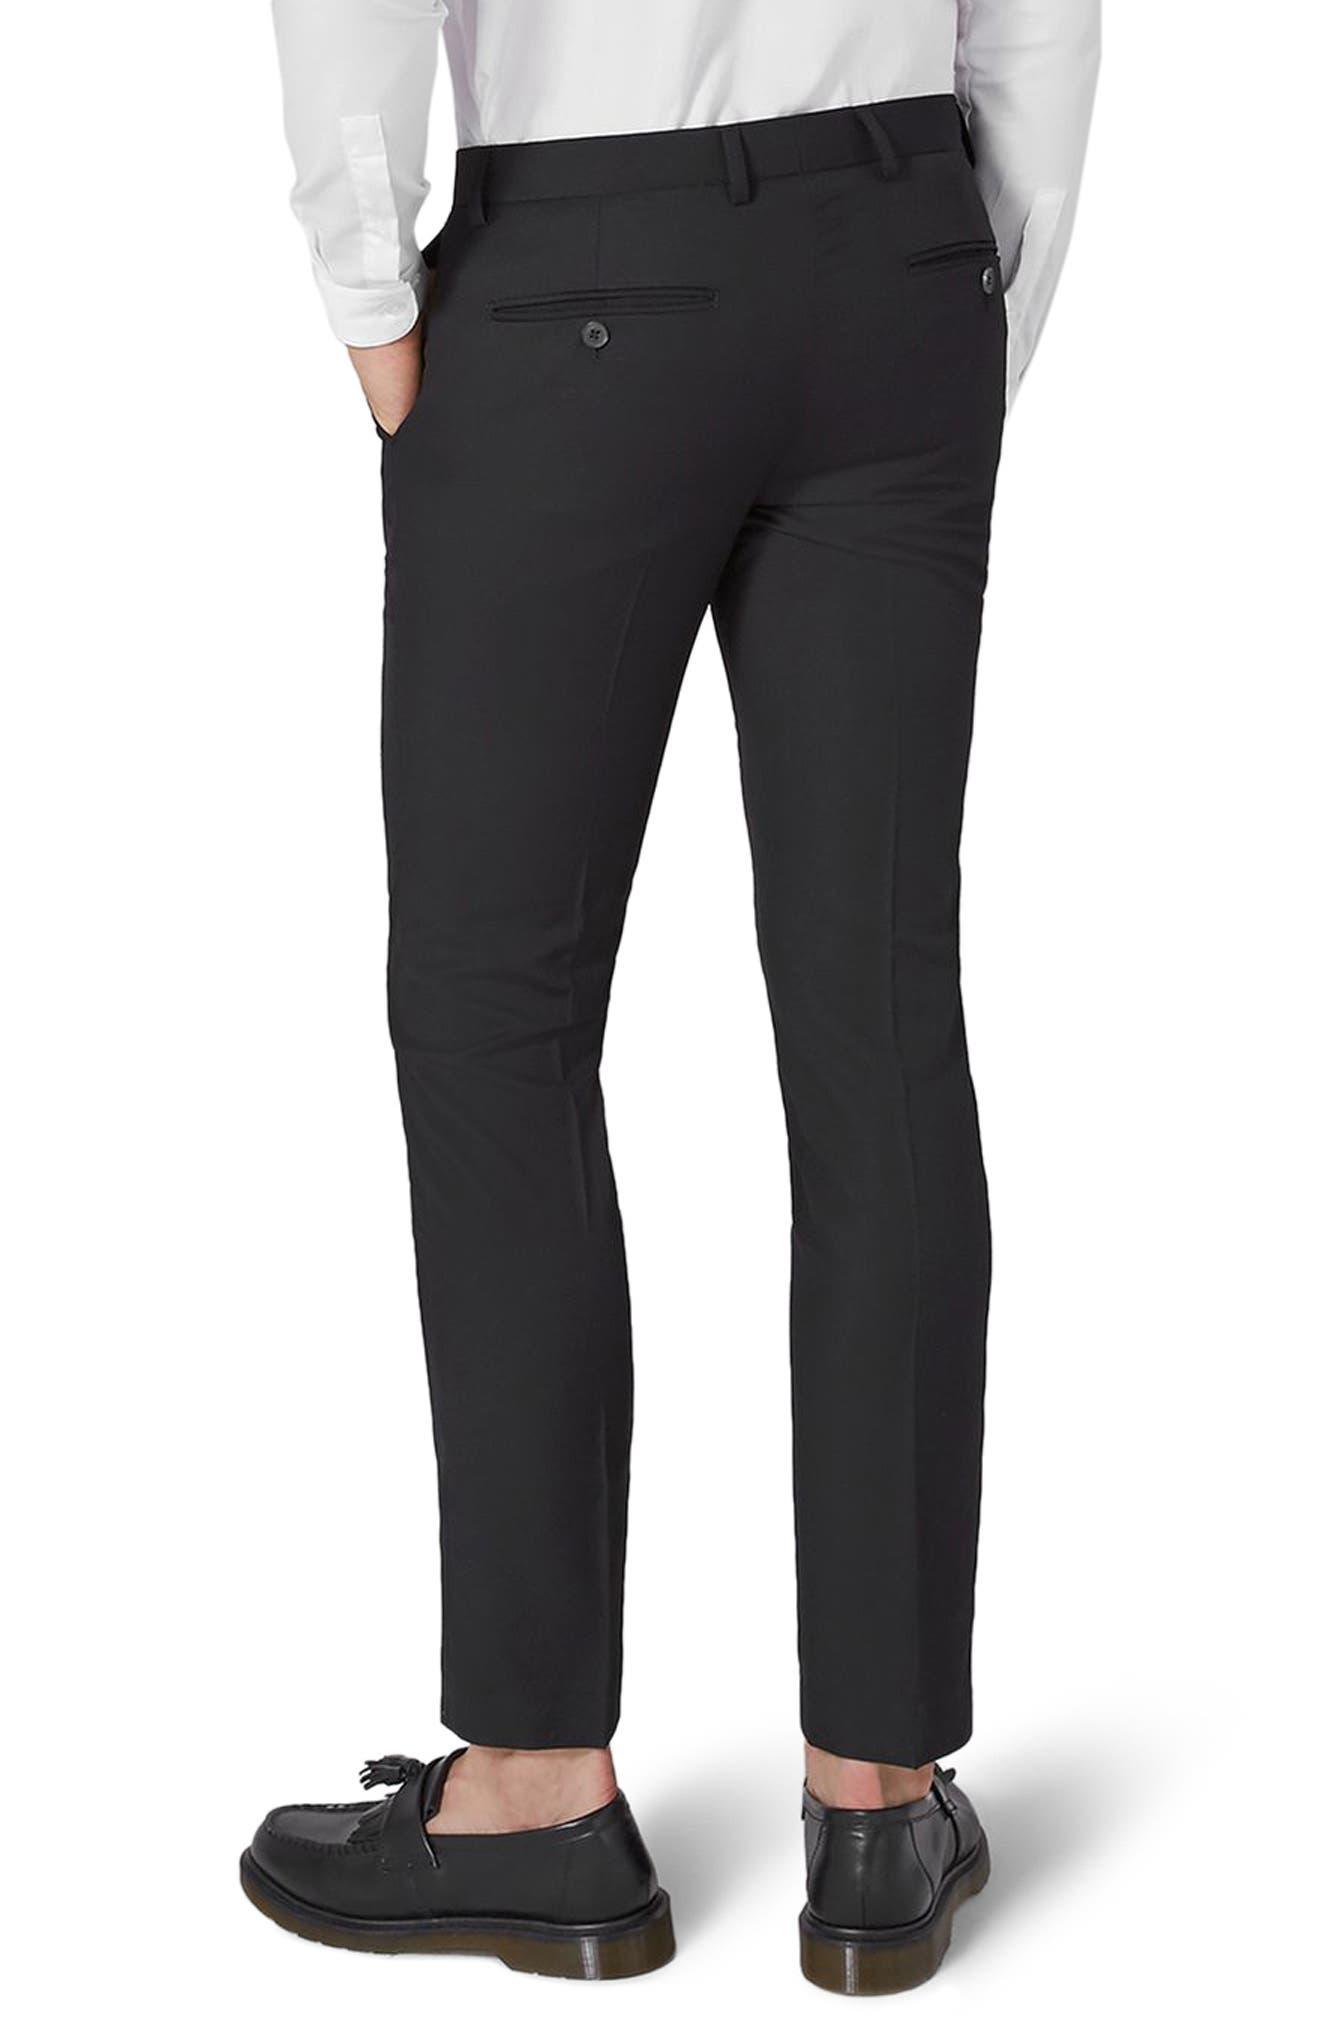 Black Skinny Fit Trousers,                             Alternate thumbnail 2, color,                             Black